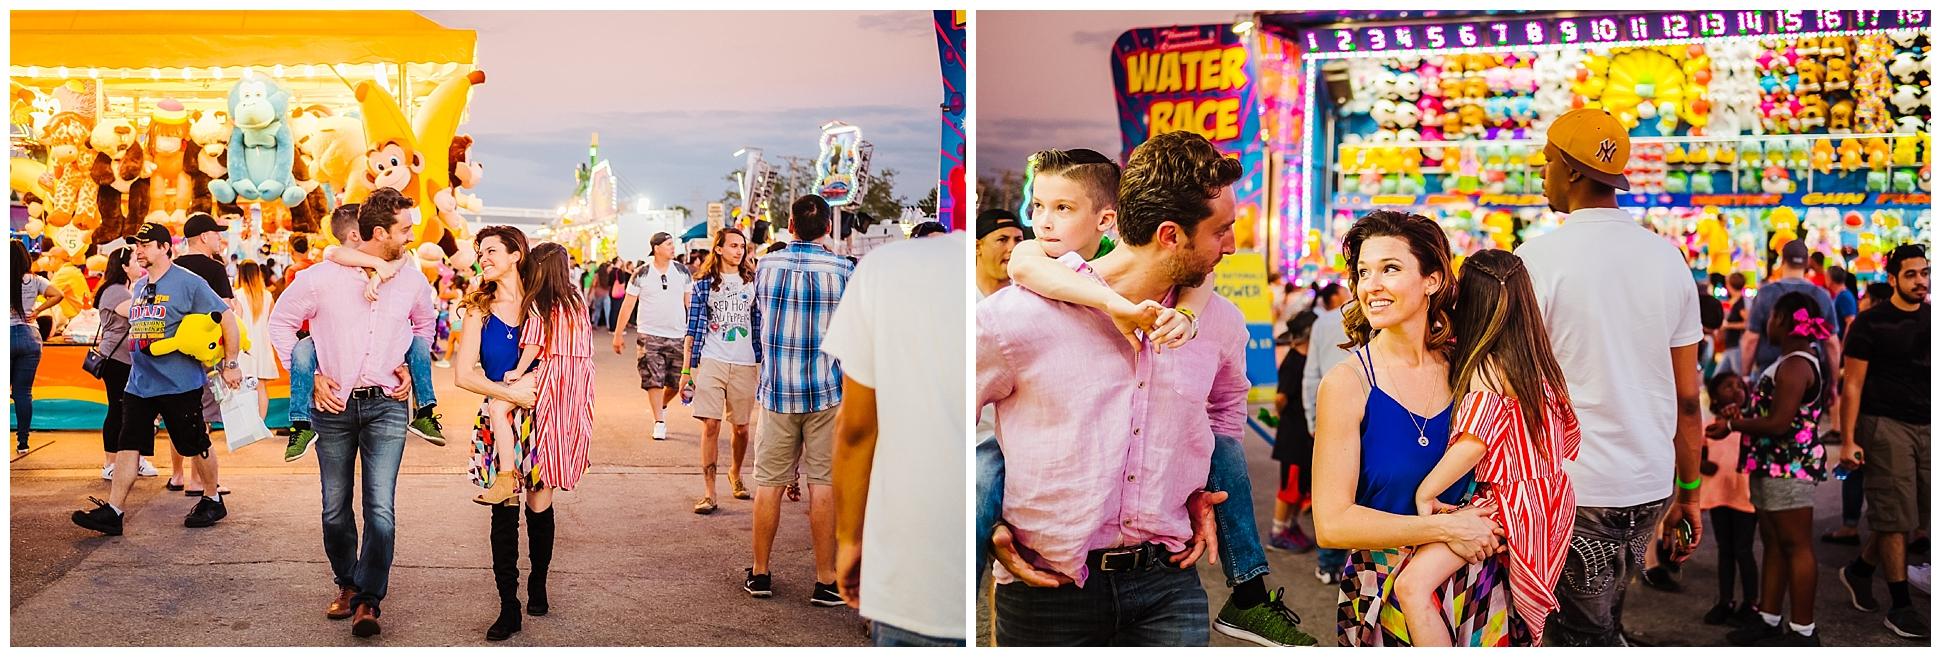 Tampa-colorful-fair-amusement park-dani family session_0024.jpg